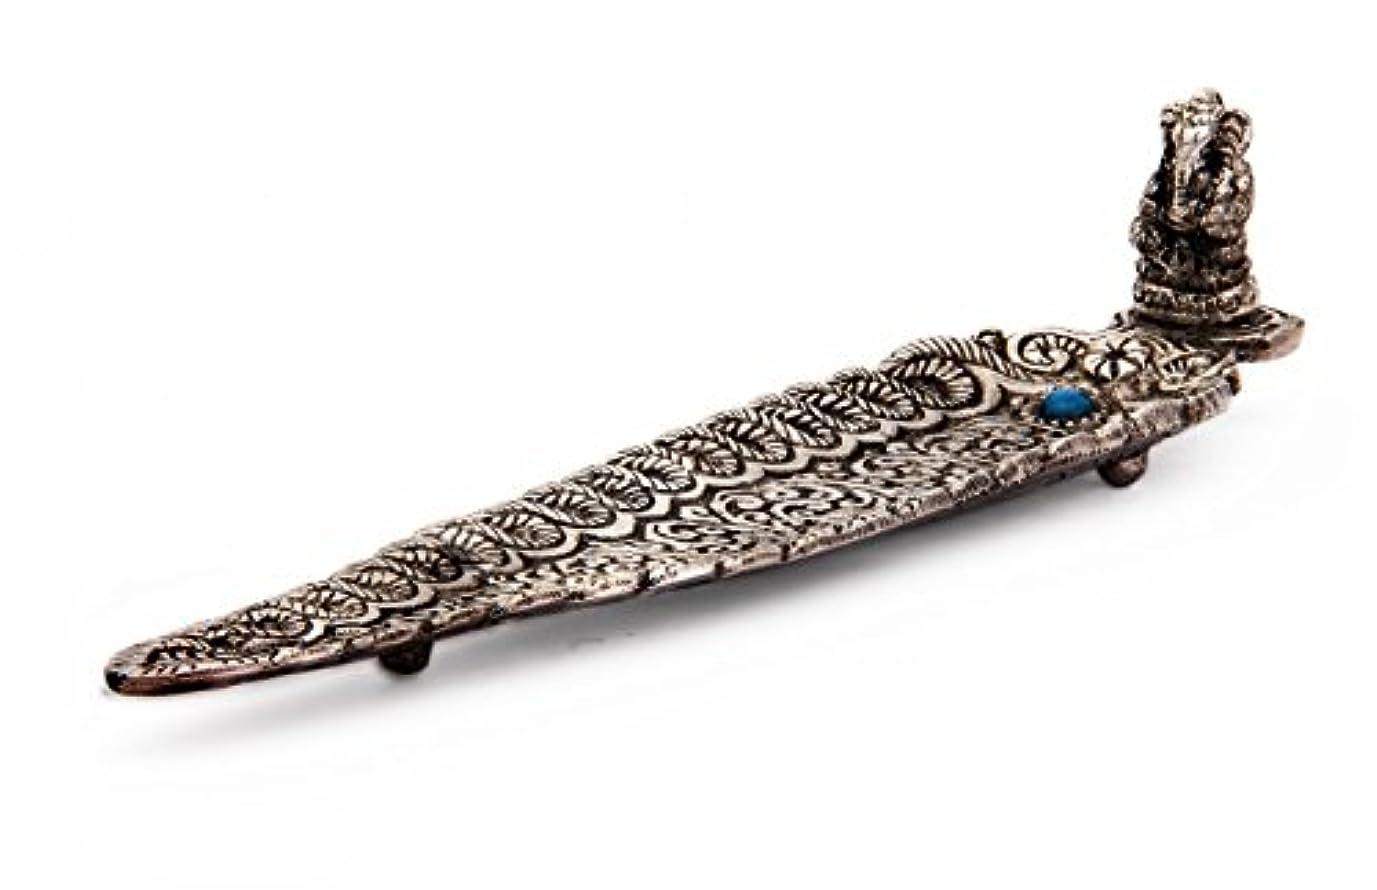 プール巨大なプールPetal Shaped Royal Silver Incense Stick Burner